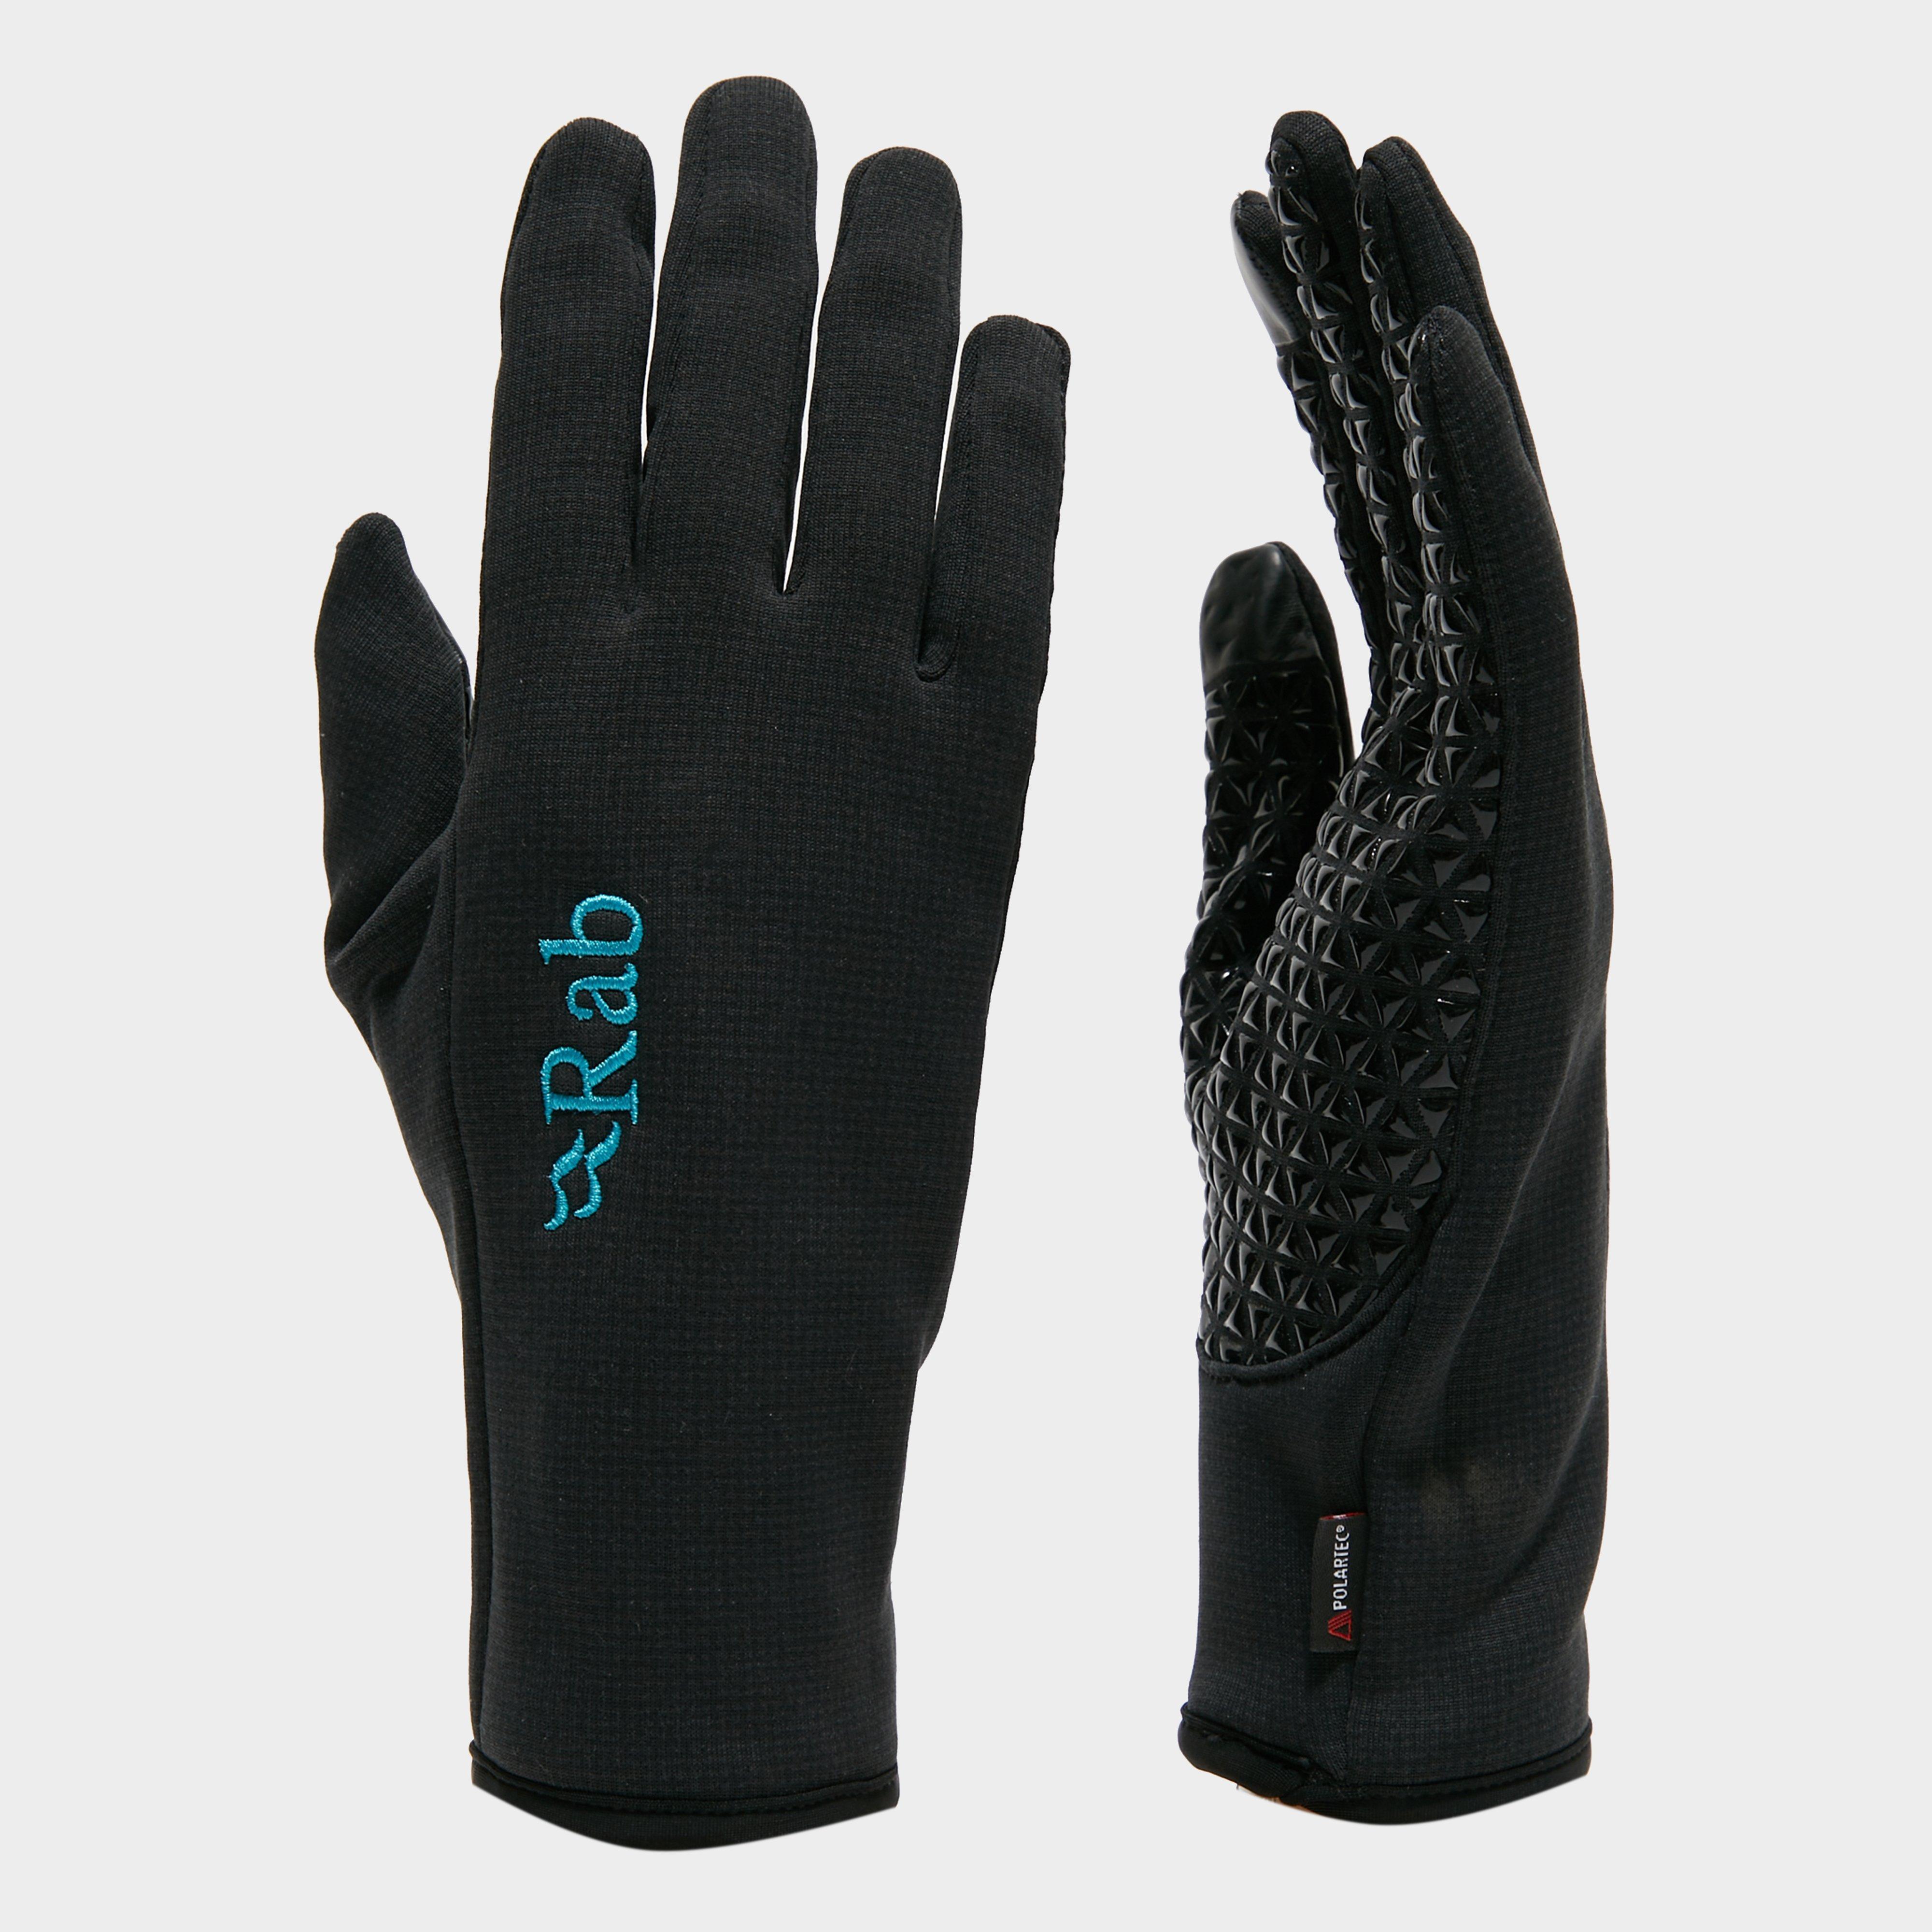 Rab Rab Womens Phantom Contact Grip Glove - N/A, N/A